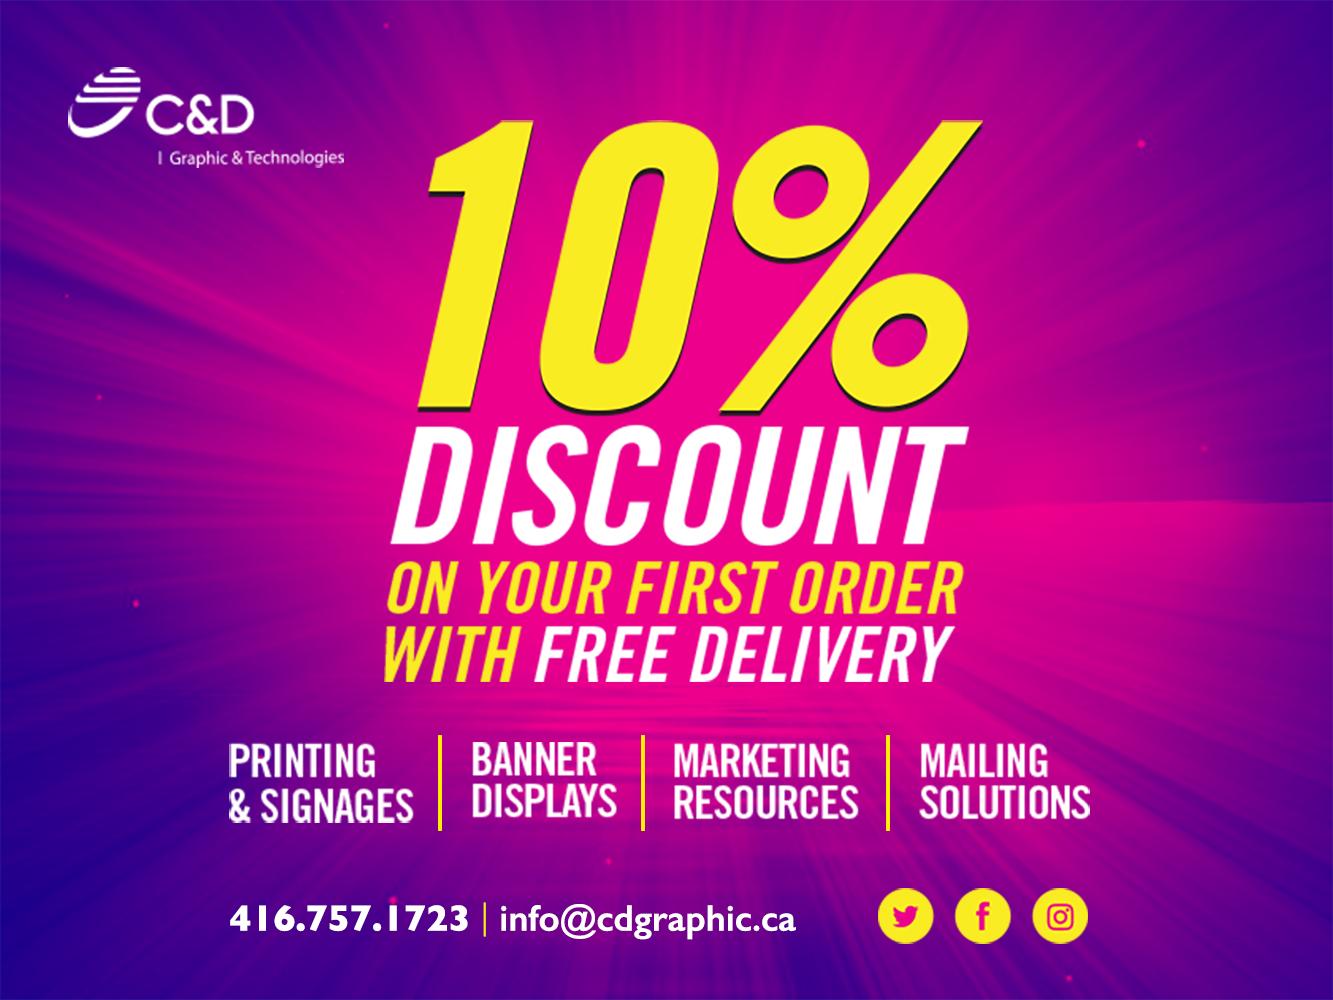 C&D Graphic & Technologies Services Inc.